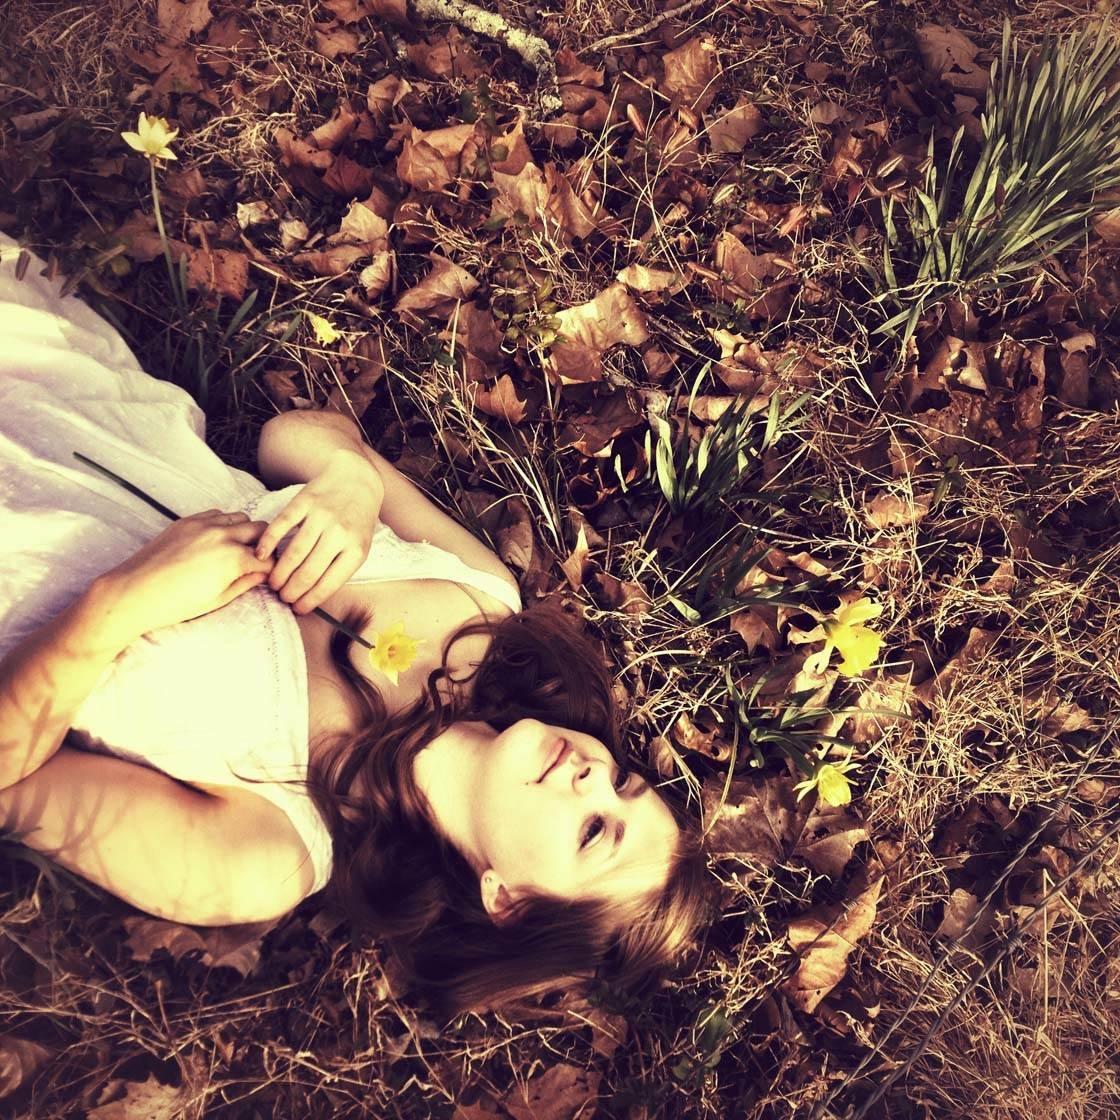 iPhone Portrait Photography 18 no script